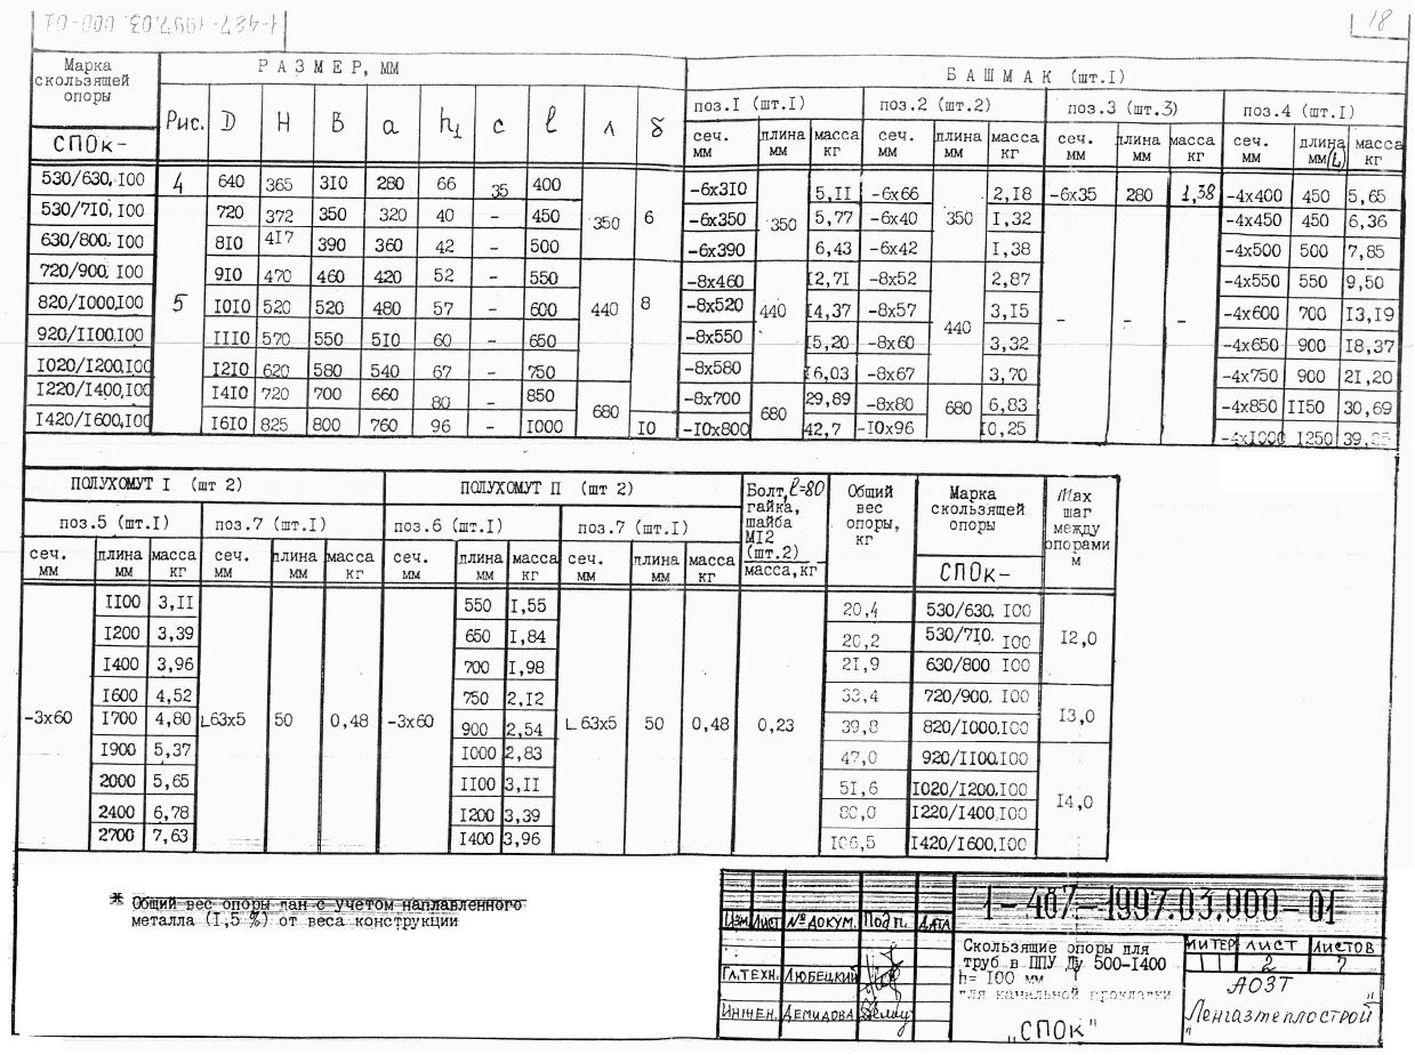 Опора СПОк ТД 1-487-1997.03.000-03 стр.6